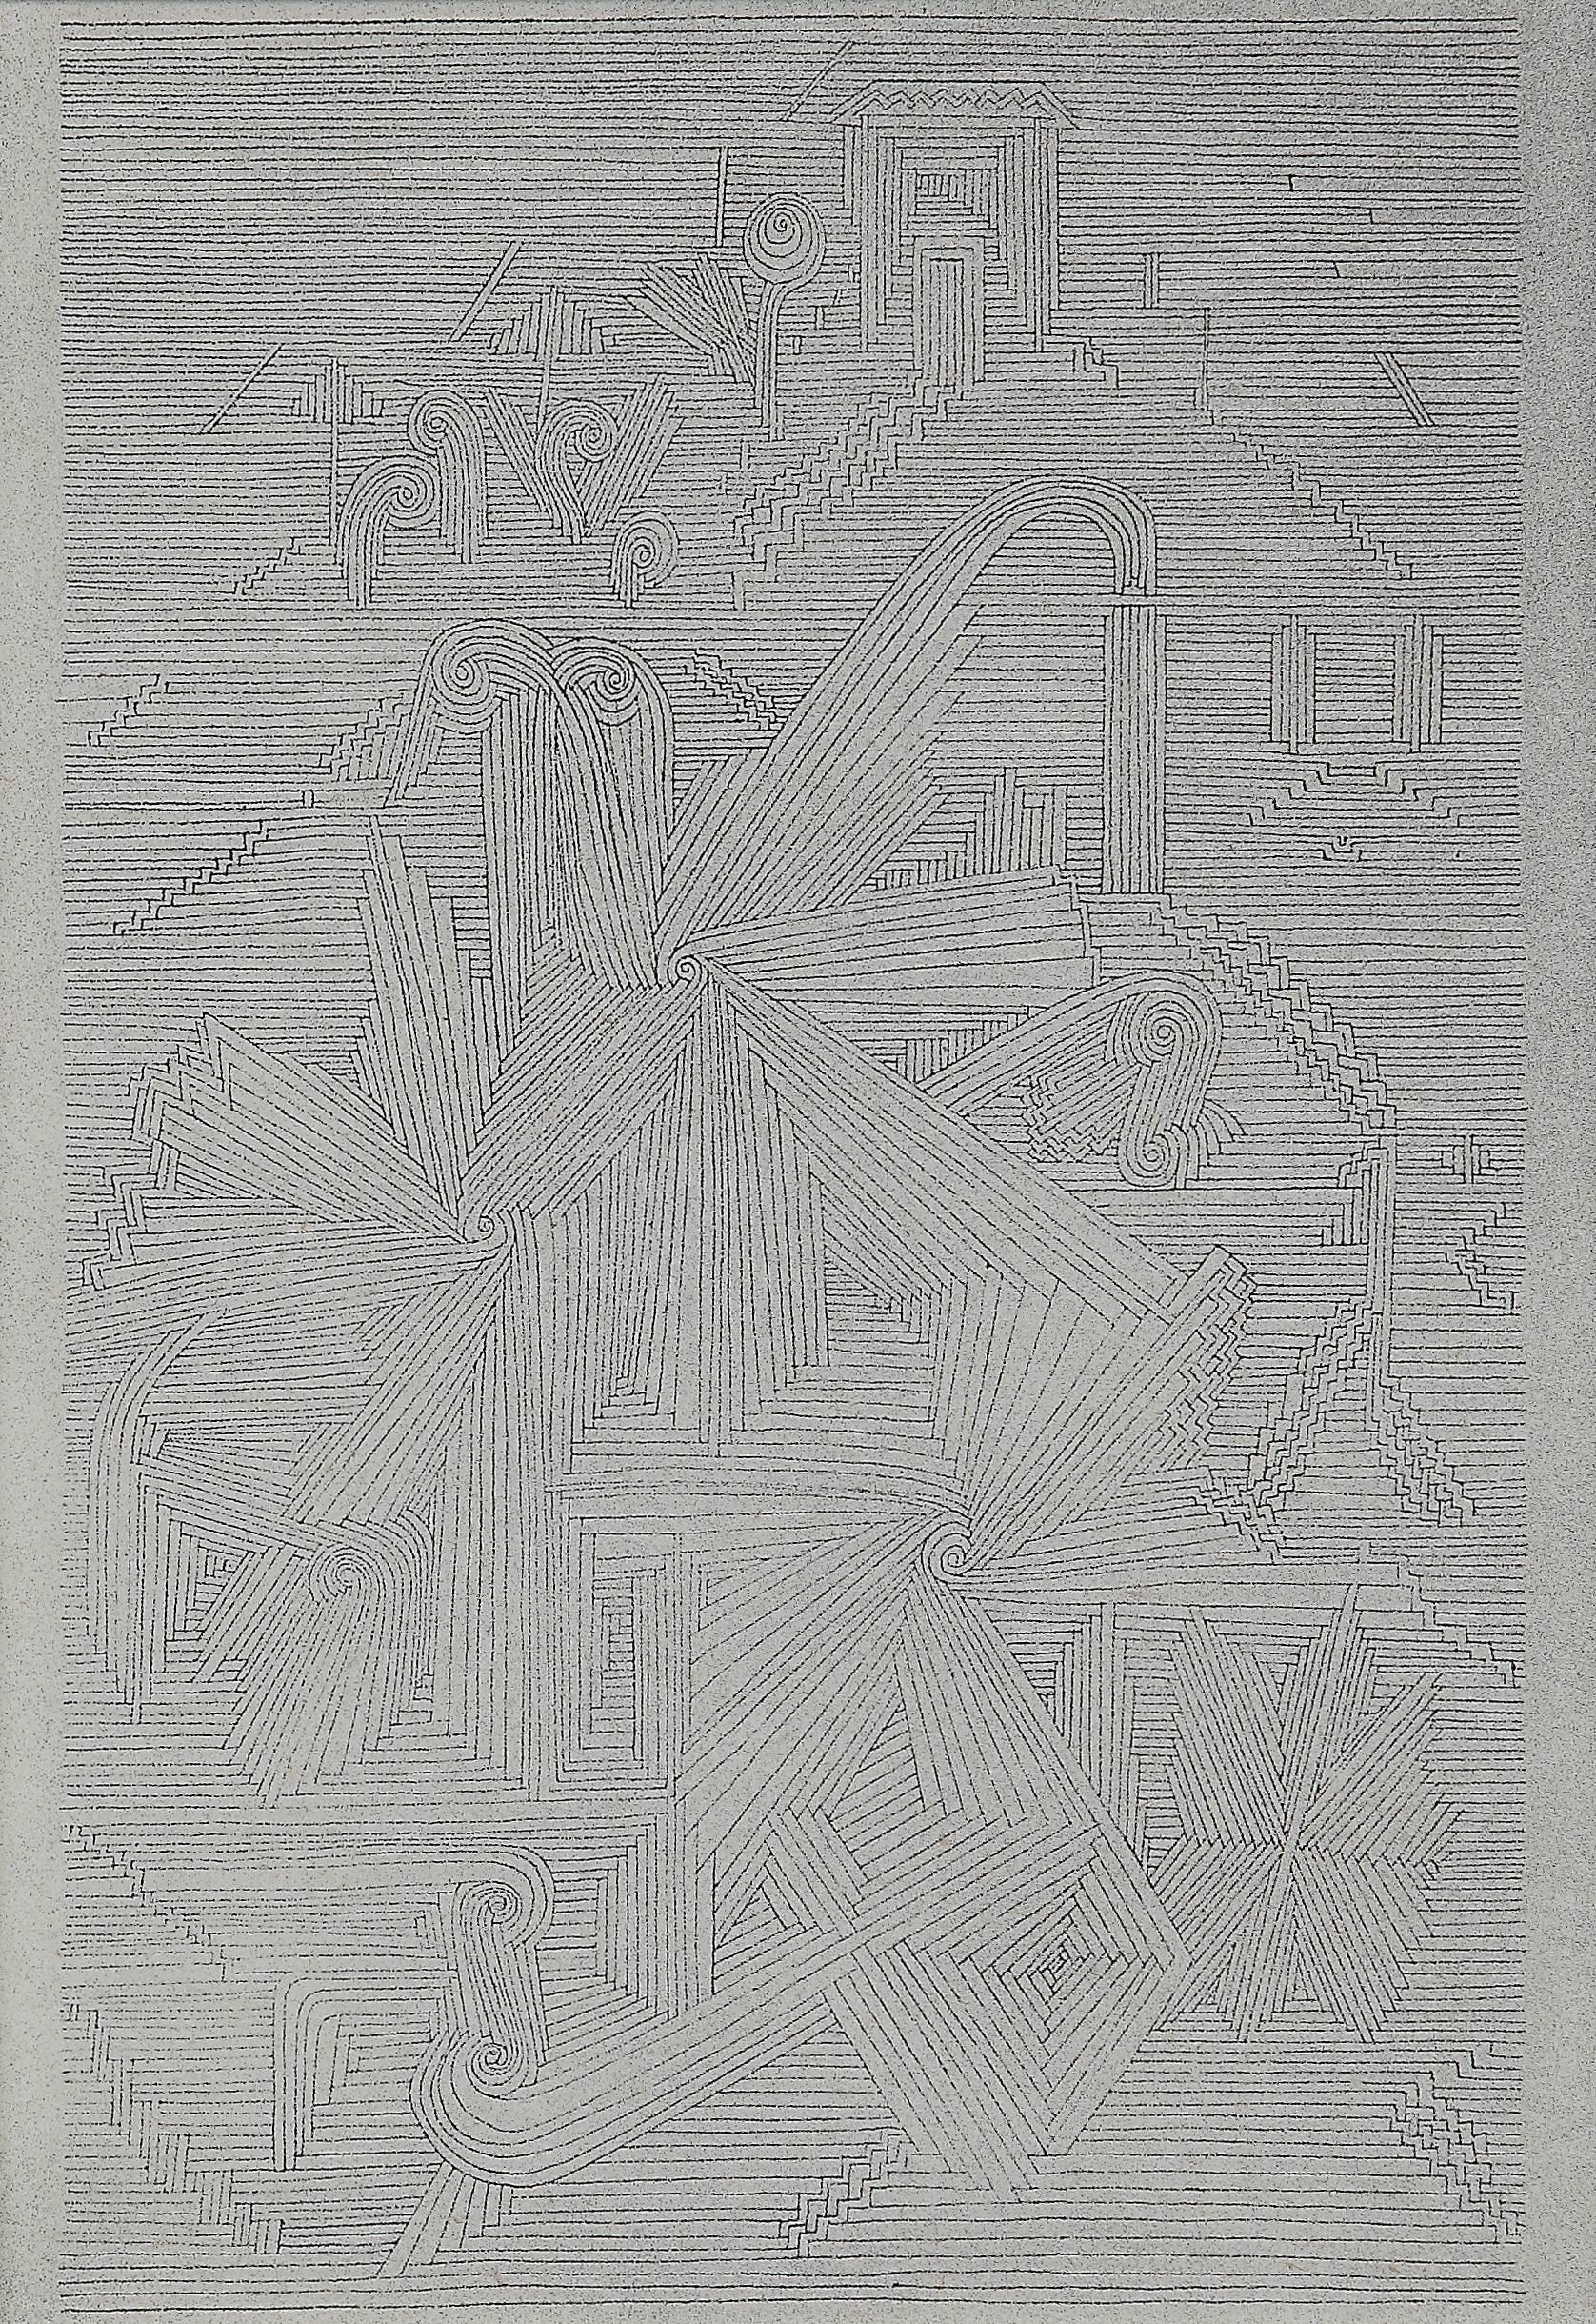 """Paul Klee Etching """"Botanischer Garten. Abteilung der Strahlenblattpflanzen"""""""